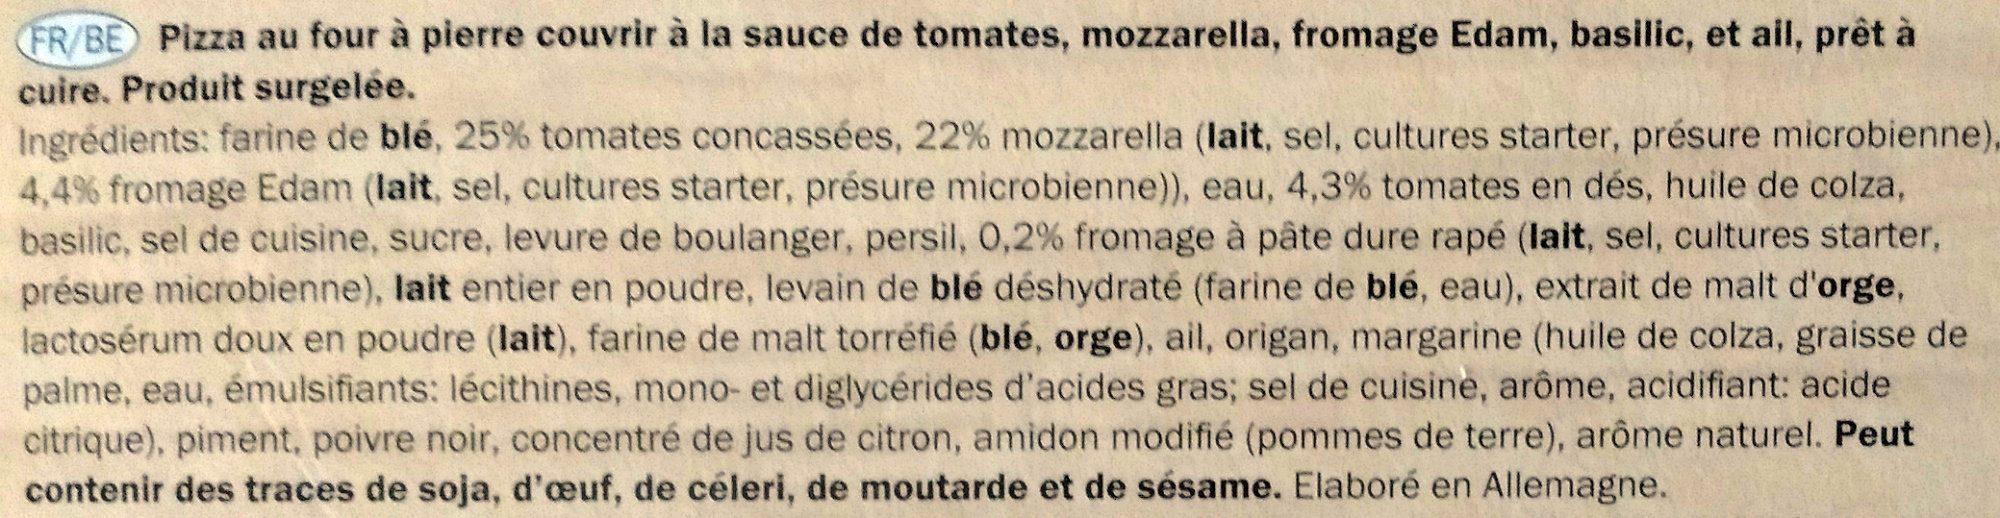 Trattoria Alfredo Deliziosa Mozzarella - Ingrediënten - fr